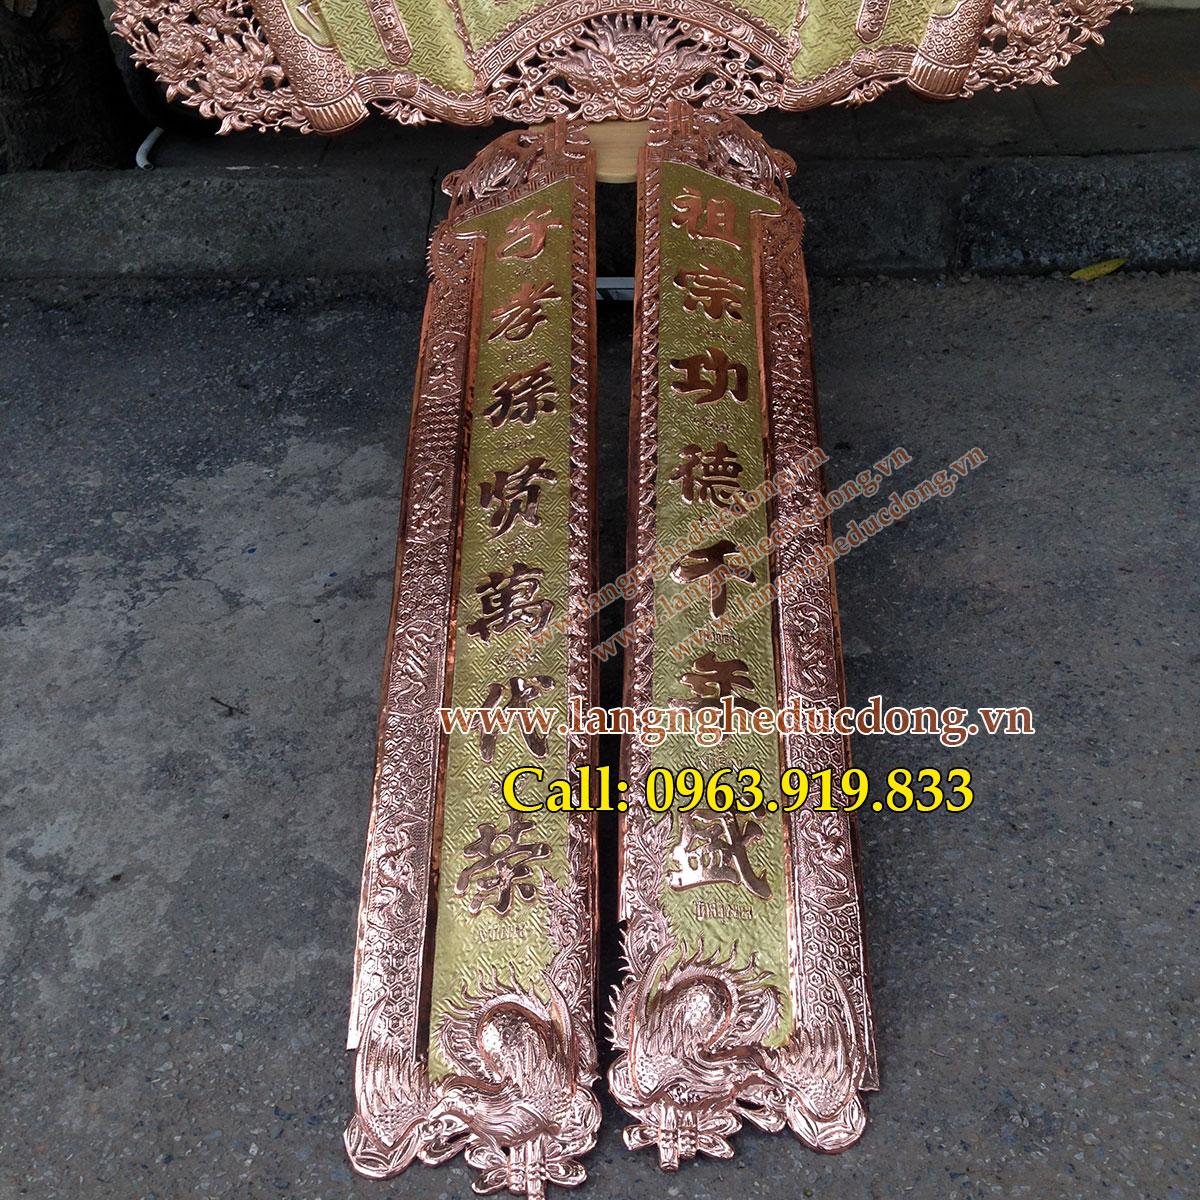 langngheducdong.vvn - bộ Đức Lưu Quang, đồng đỏ 90x176cm, đồng dầy 0.8ly